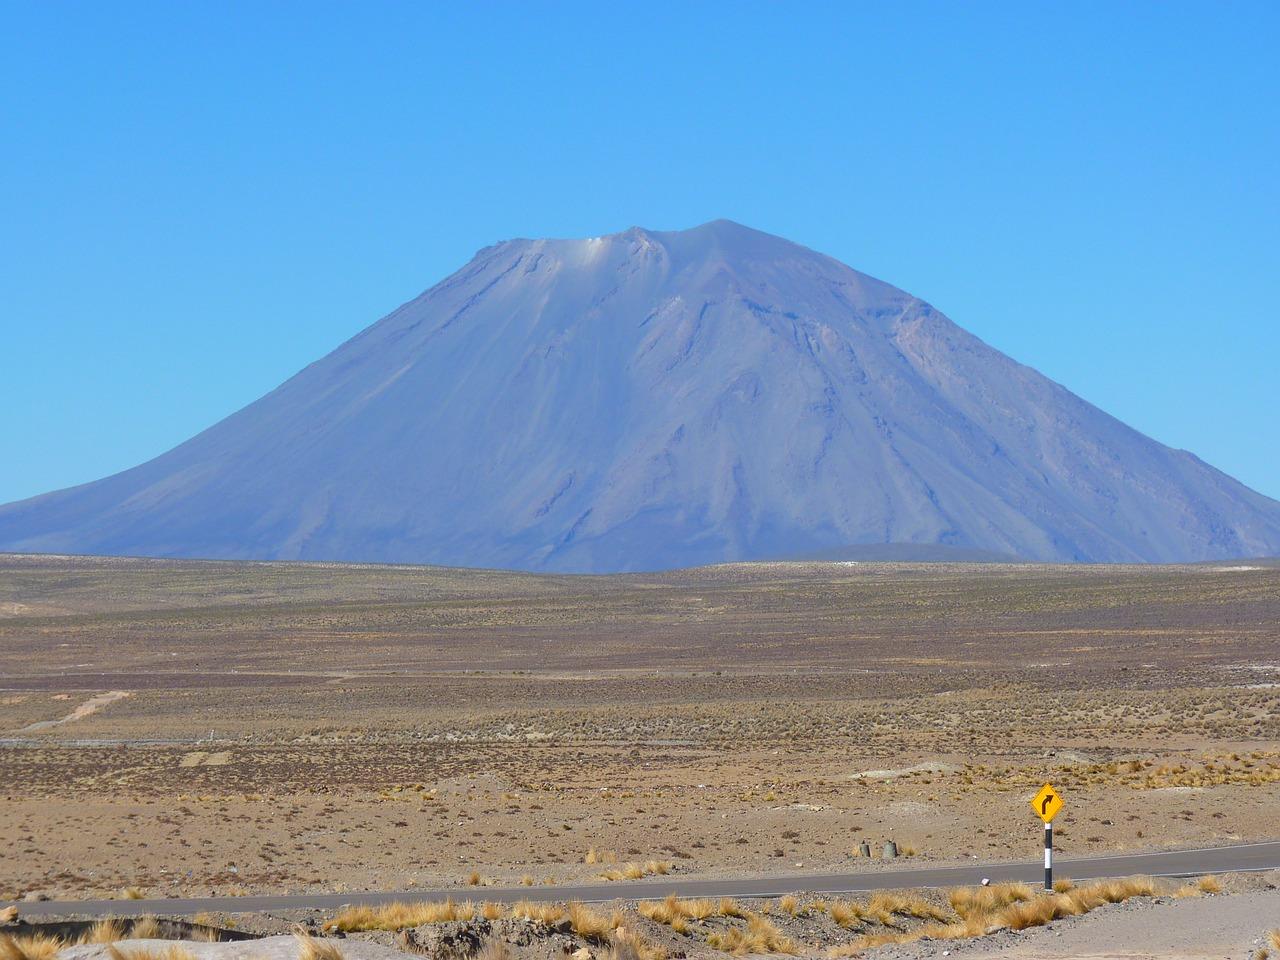 Geopark Arequipa